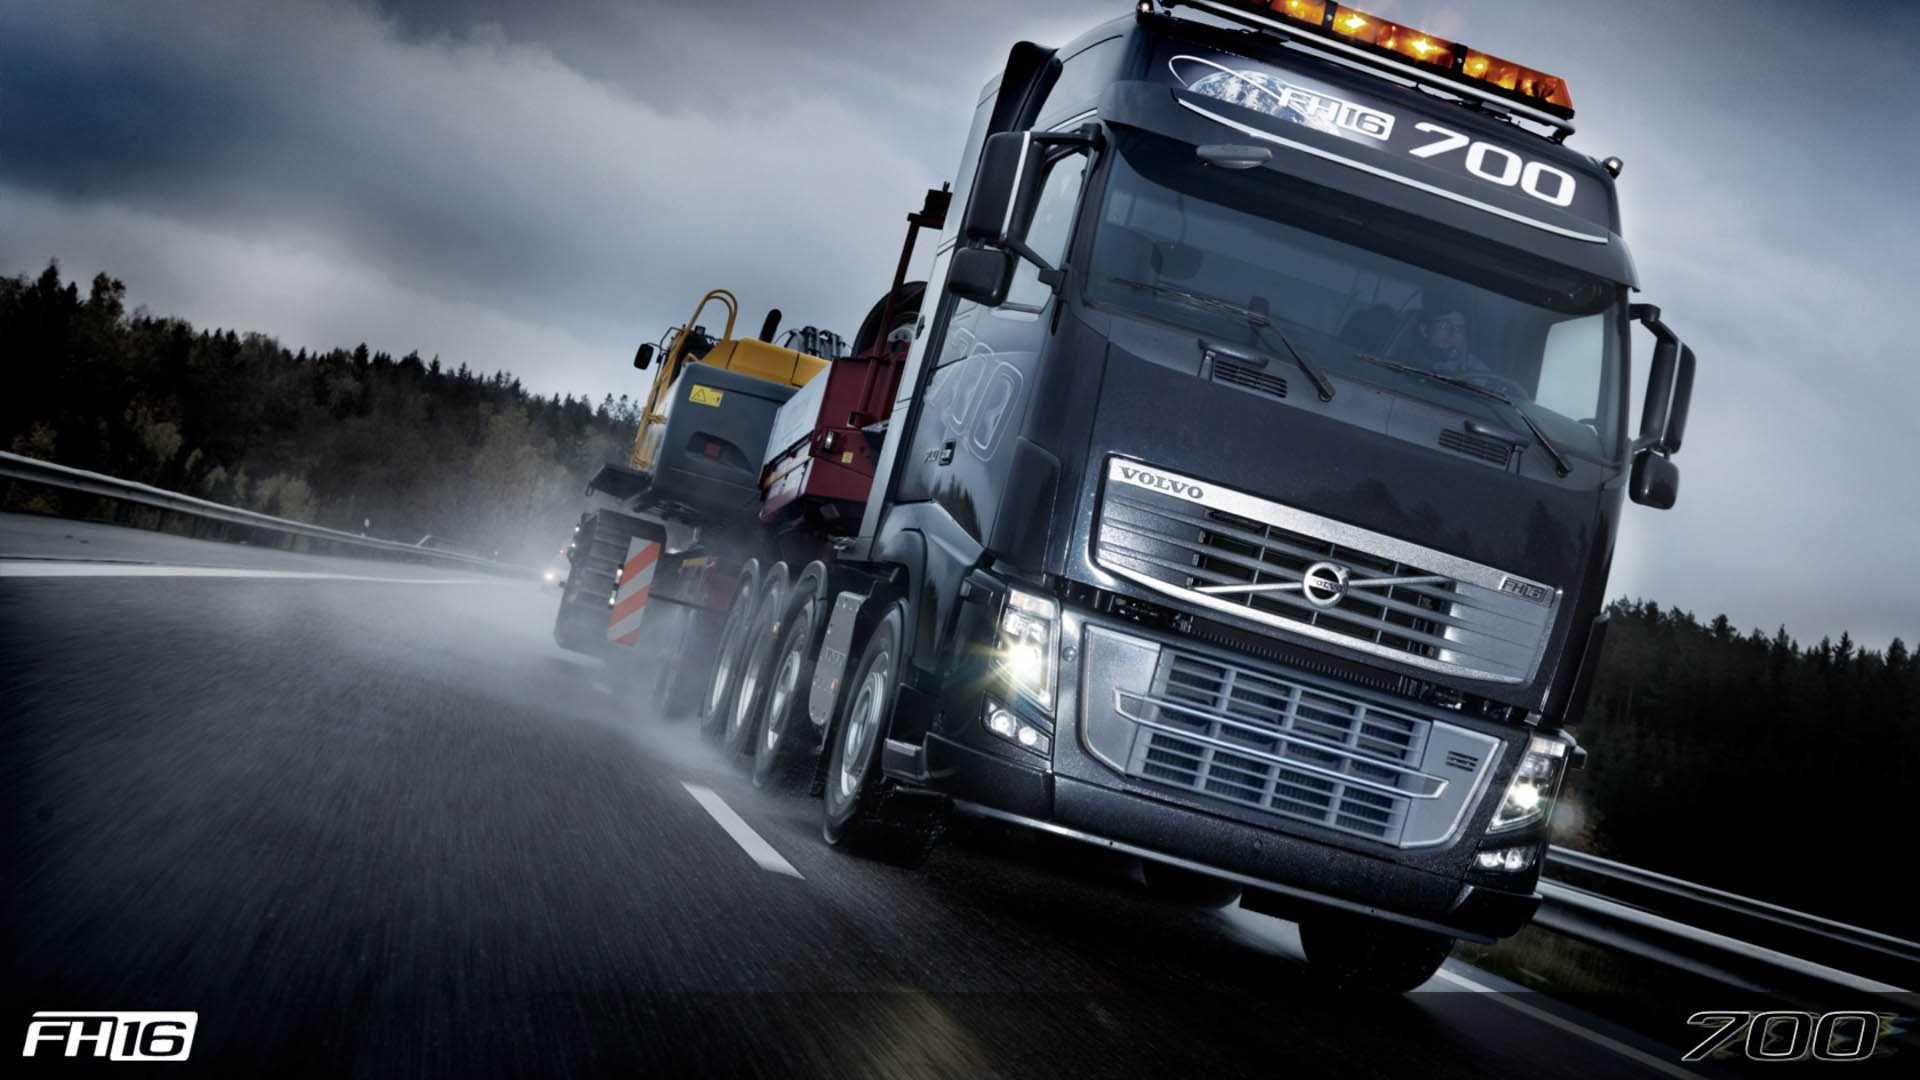 Volvo Truck Wallpaper Full HD OG4 Cars Pinterest Volvo